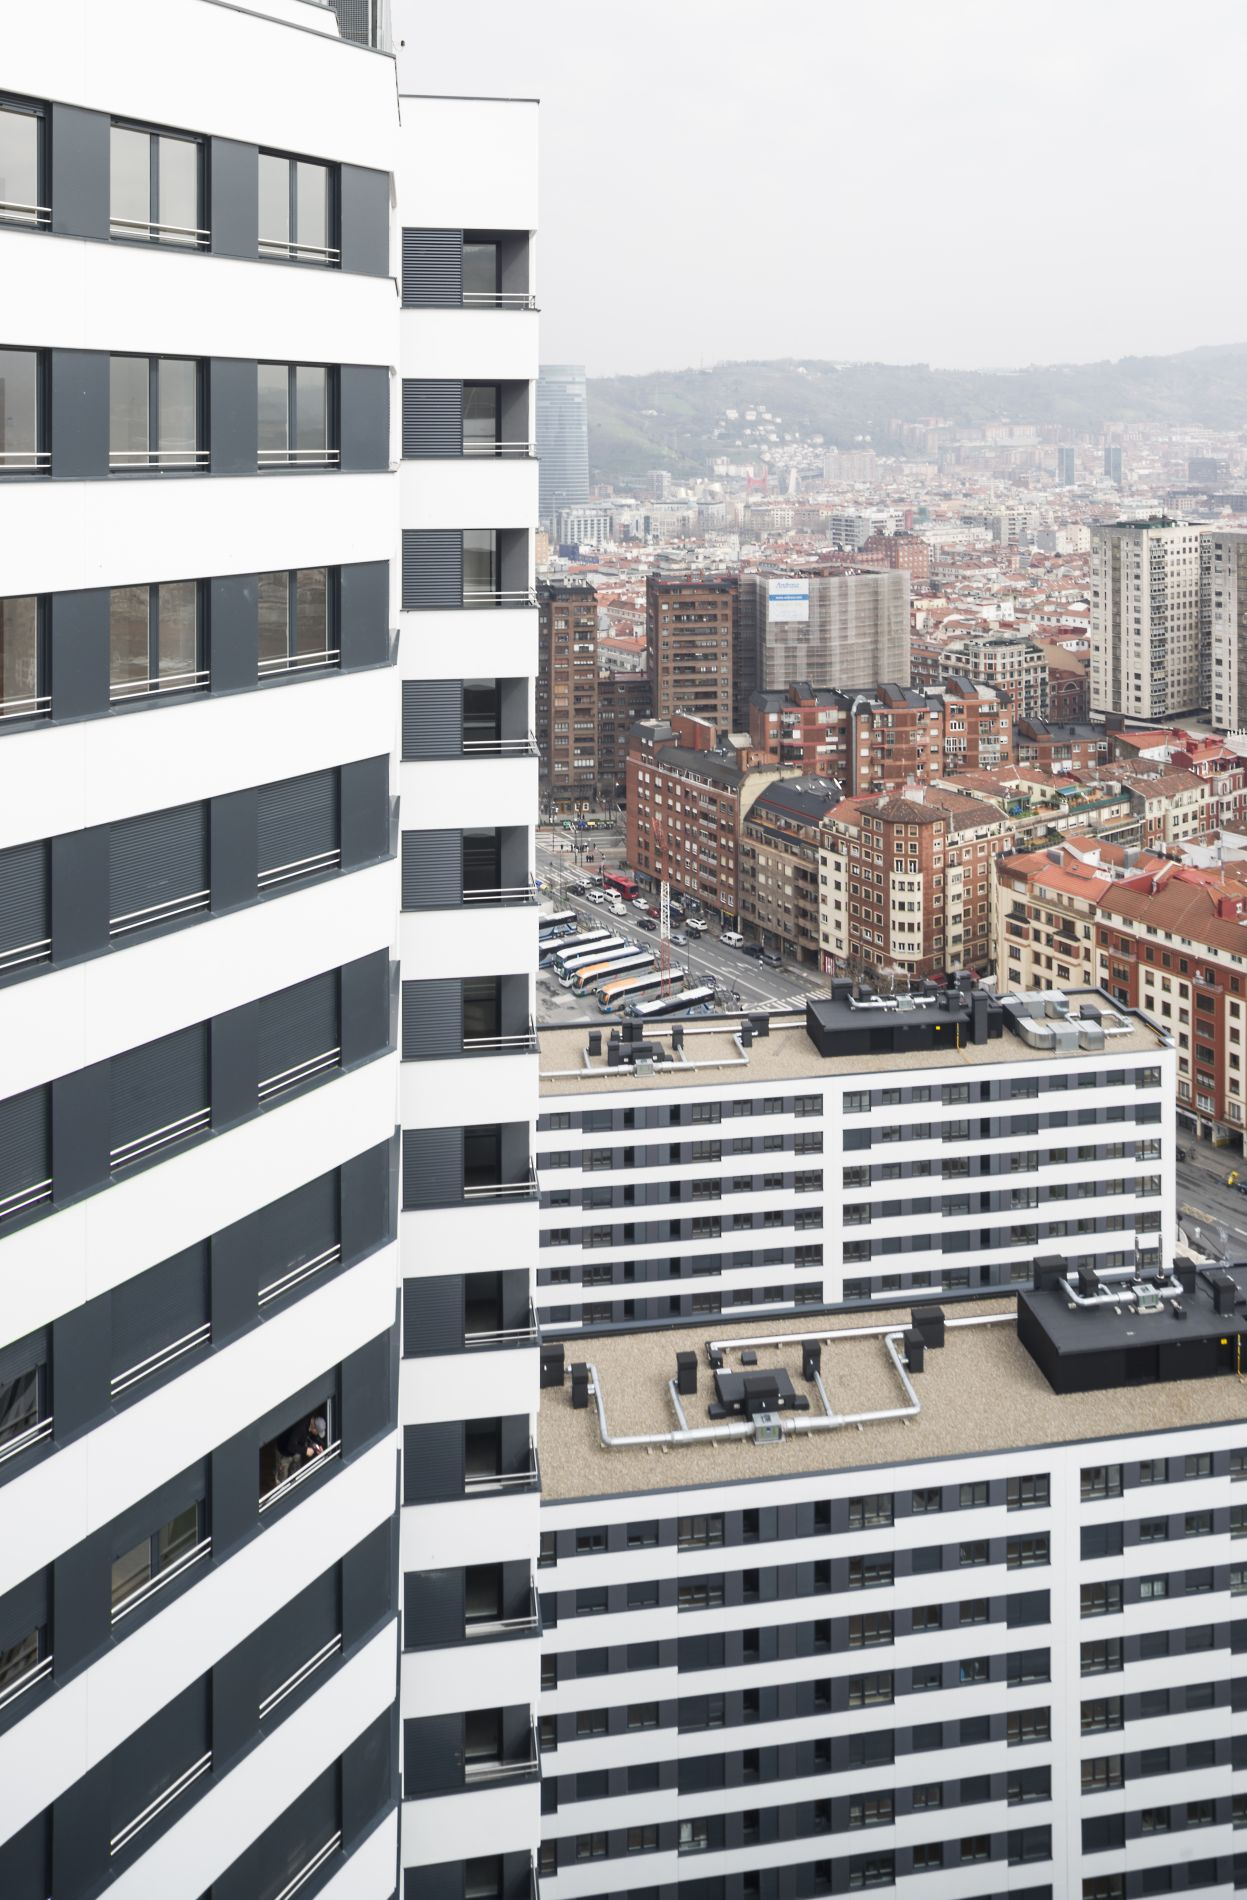 Fiark - 318 Viviendas VPO y 289 tasadas en Bilbao 23